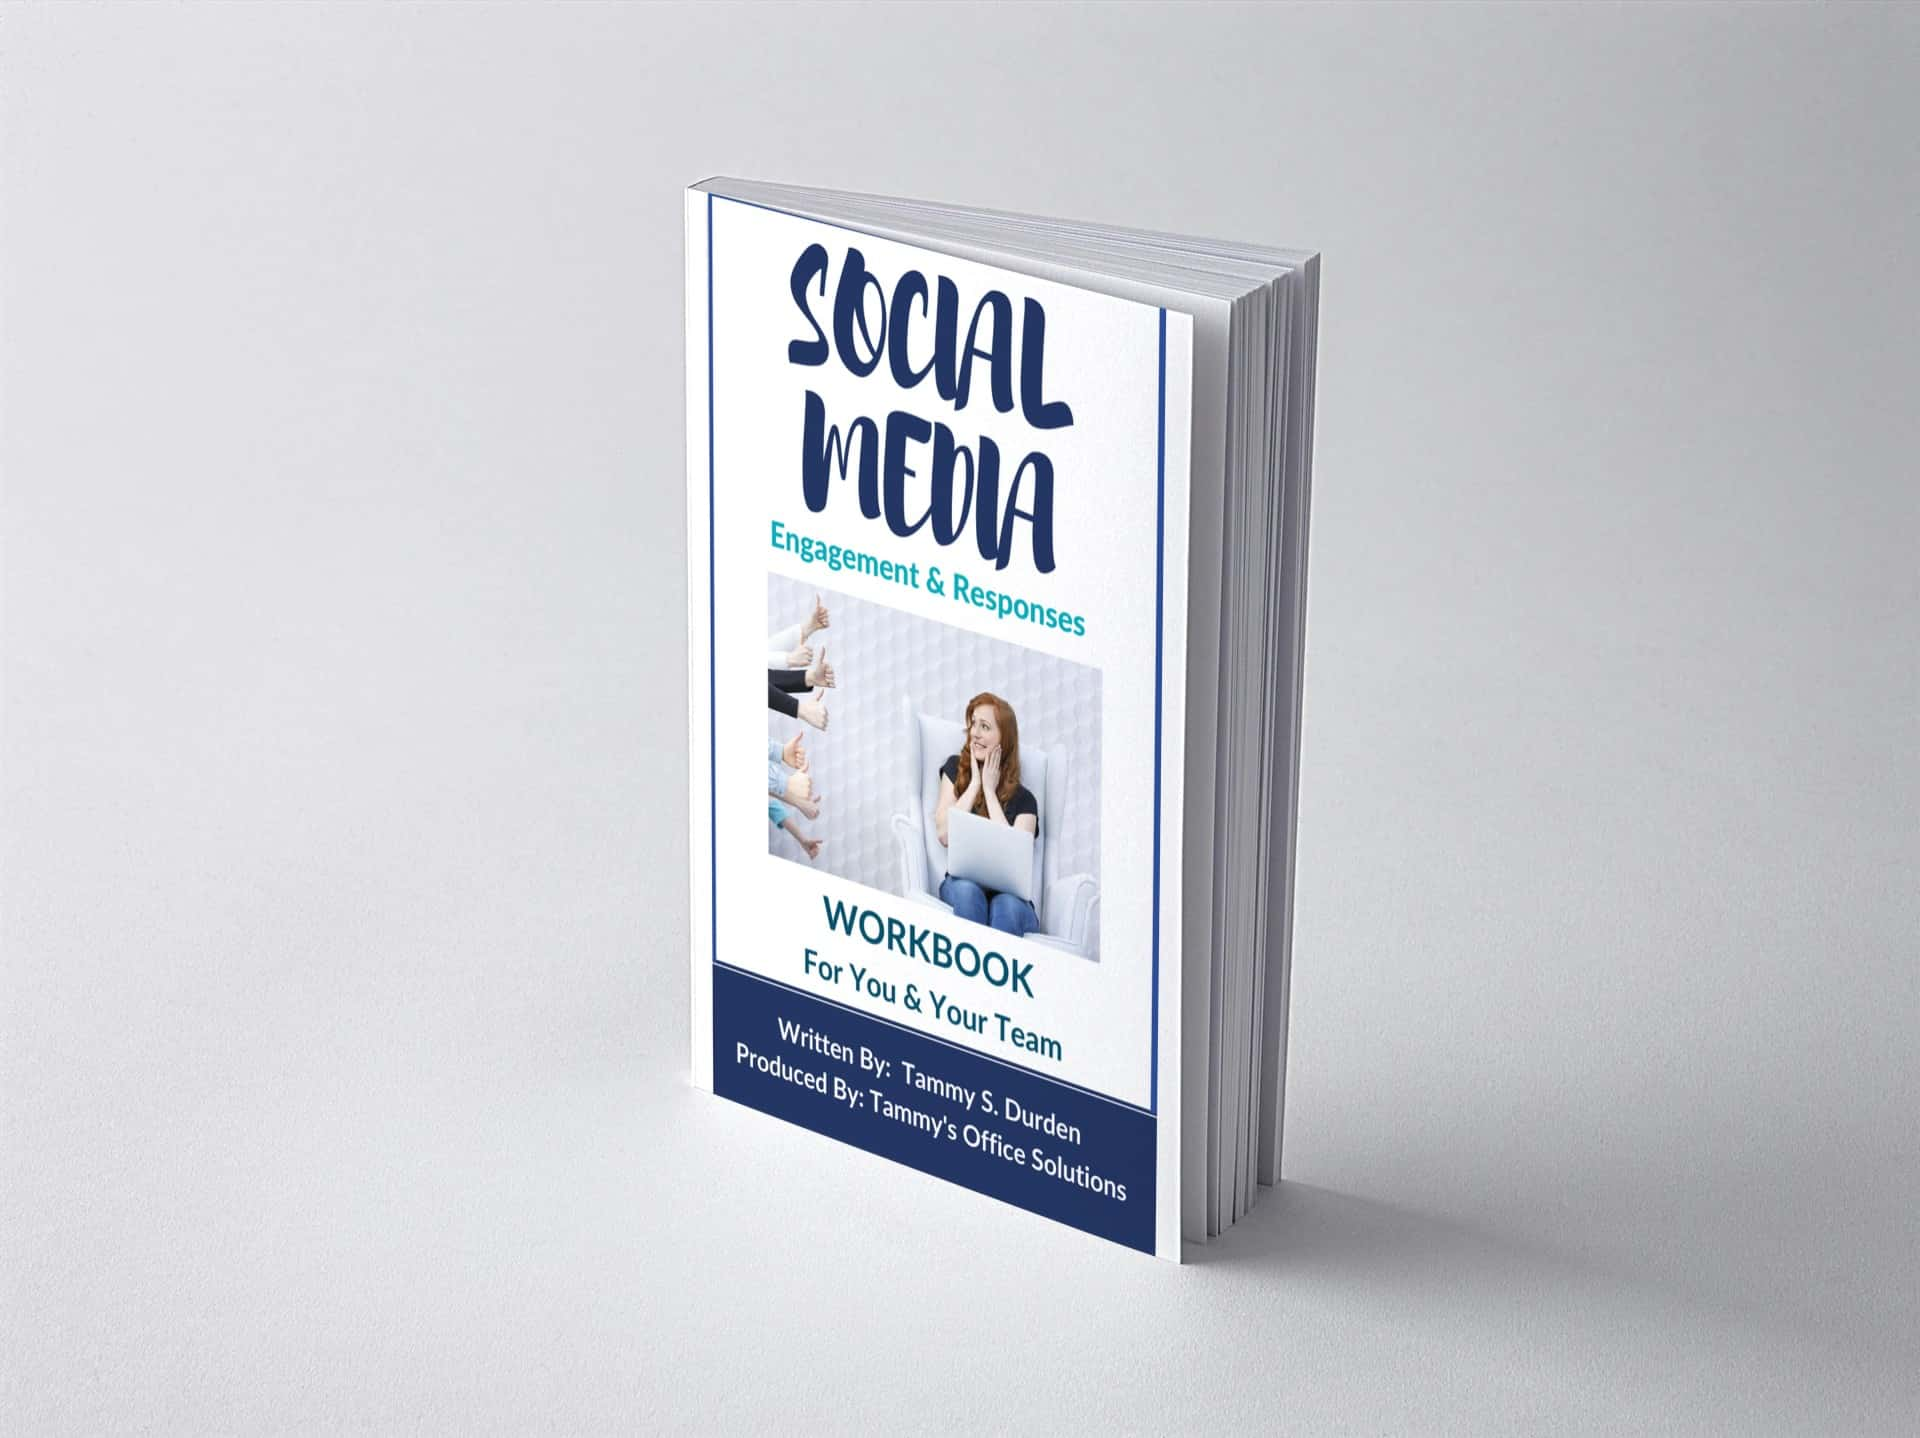 Social Media Workbook from Tammy S. Durden - TammysOffices